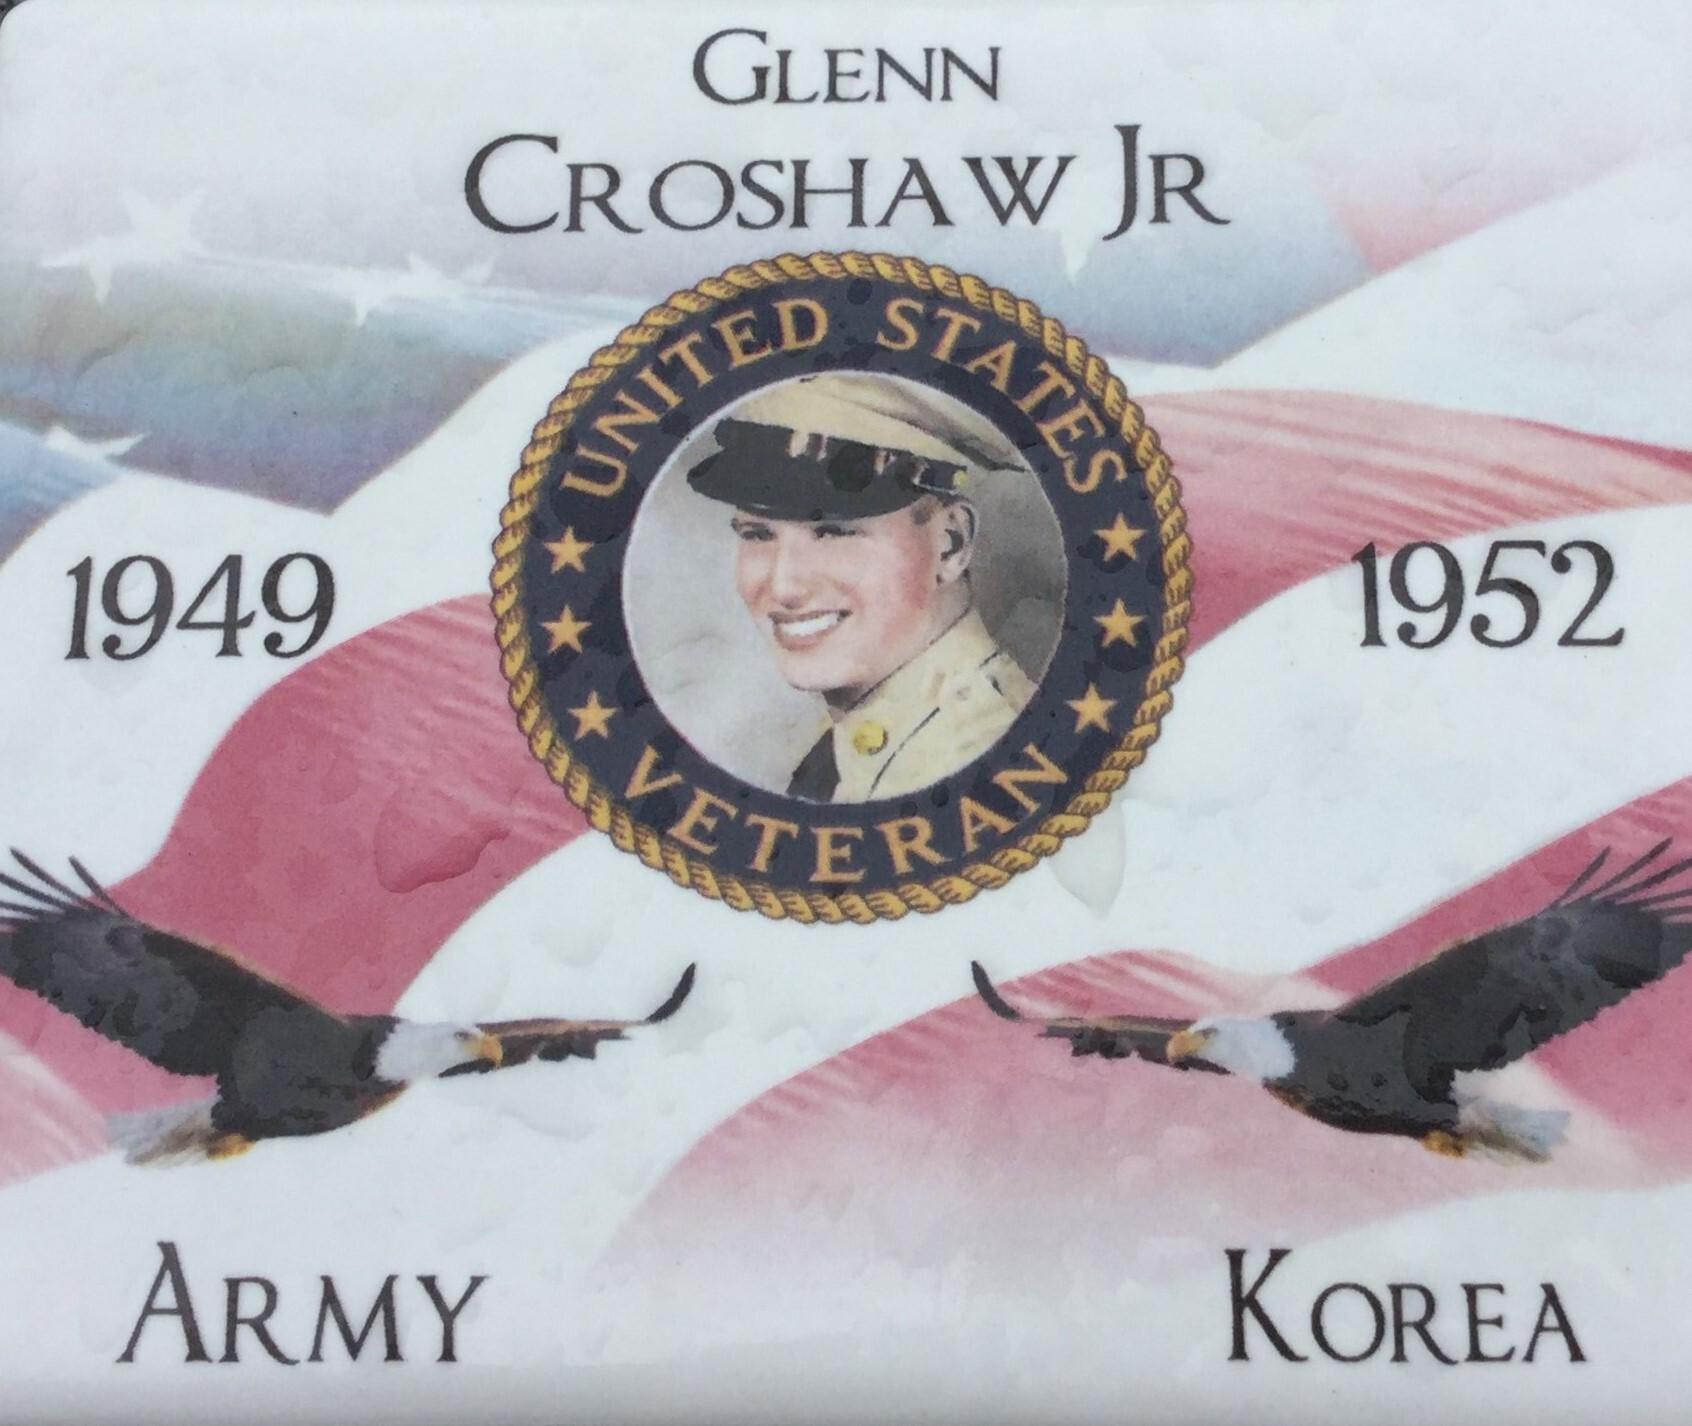 Glenn V. Croshaw, Jr.